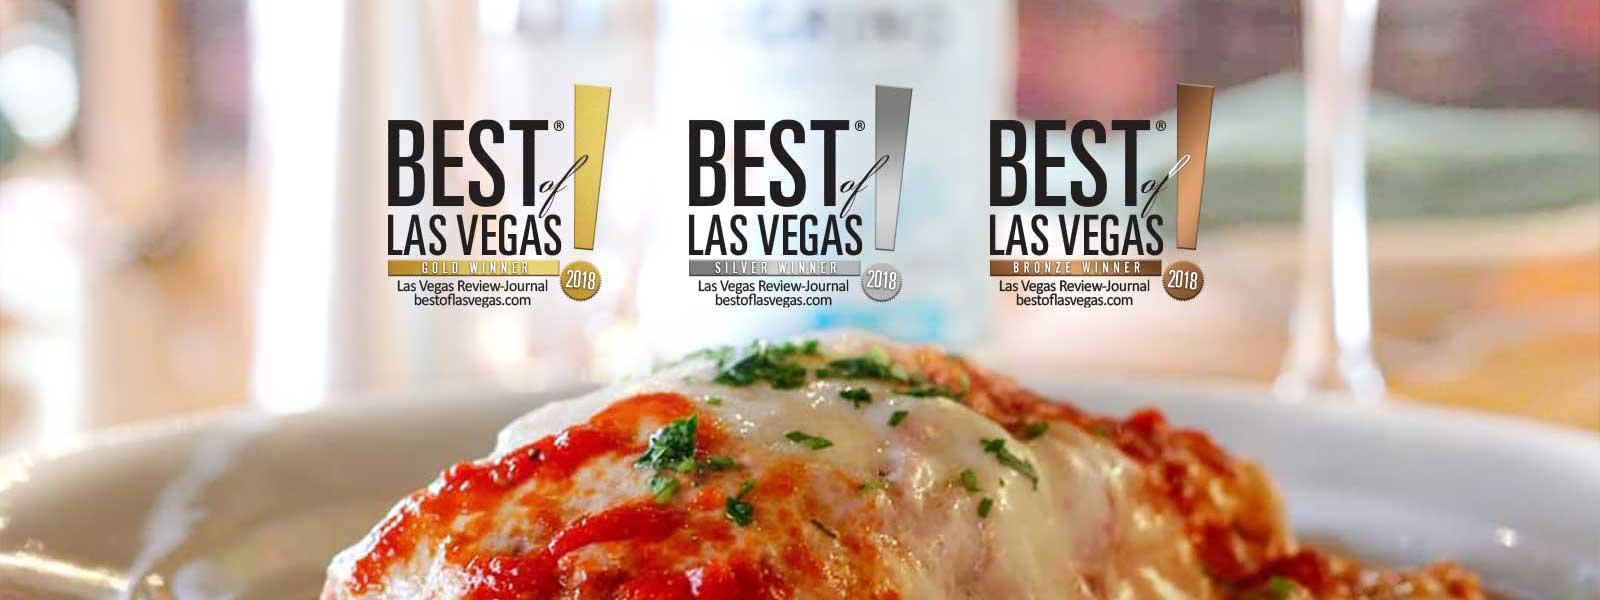 Best Italian Restaurant In Las Vegas Trattoria Reggiano